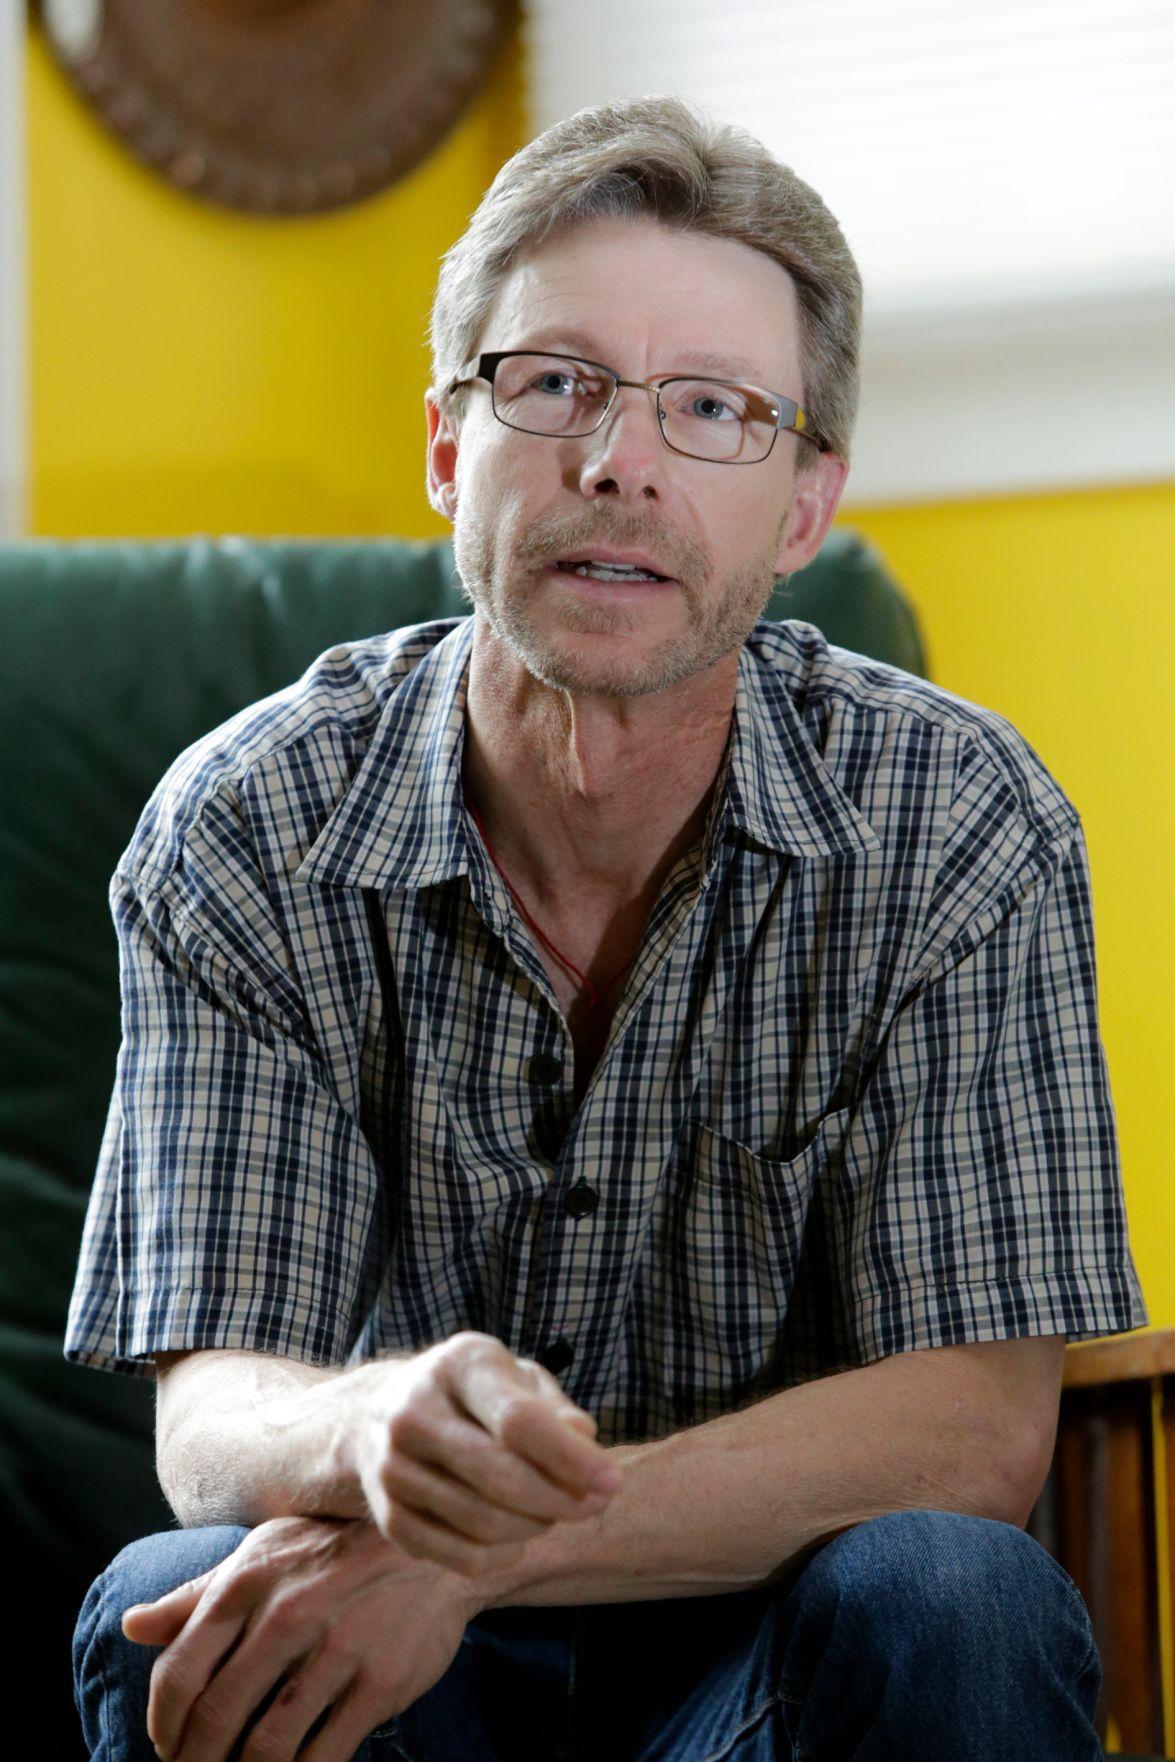 Darren Rogers Nordirland